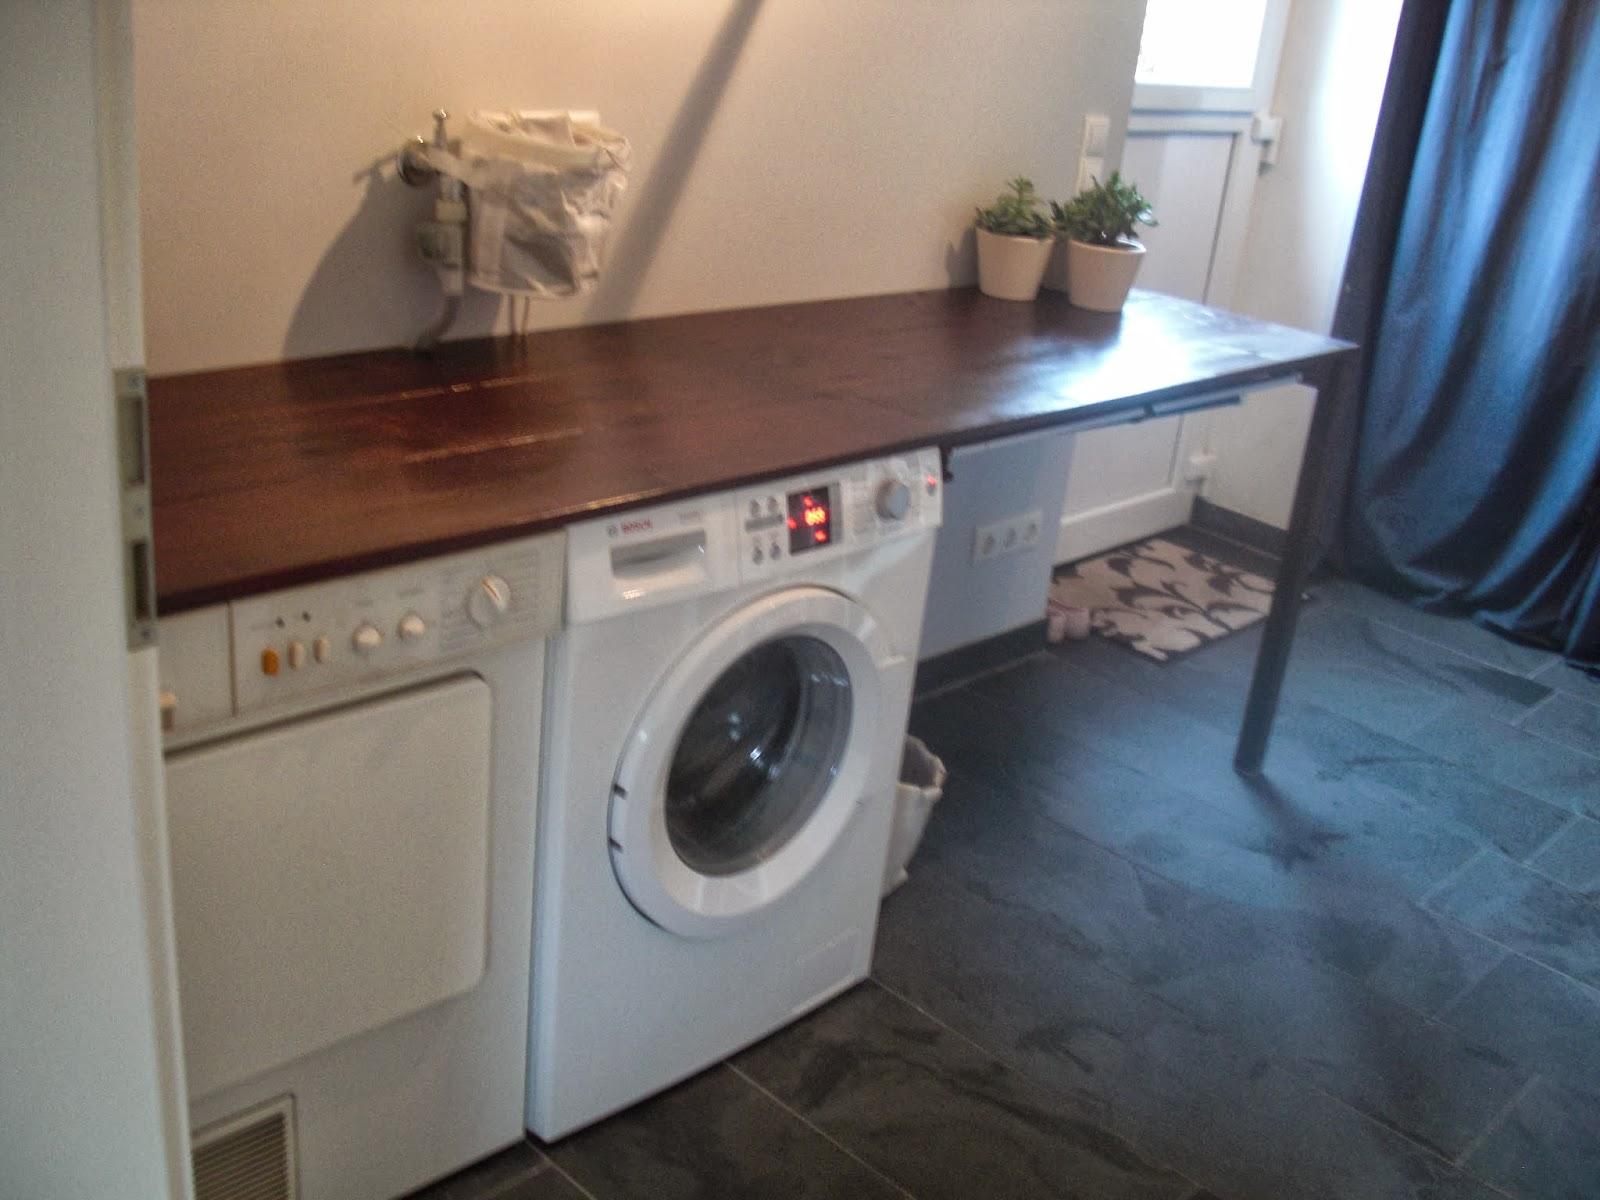 waschmaschine in k che anschl sse ikea k che zerst rt faktum schwarz landhaus gardinen set. Black Bedroom Furniture Sets. Home Design Ideas